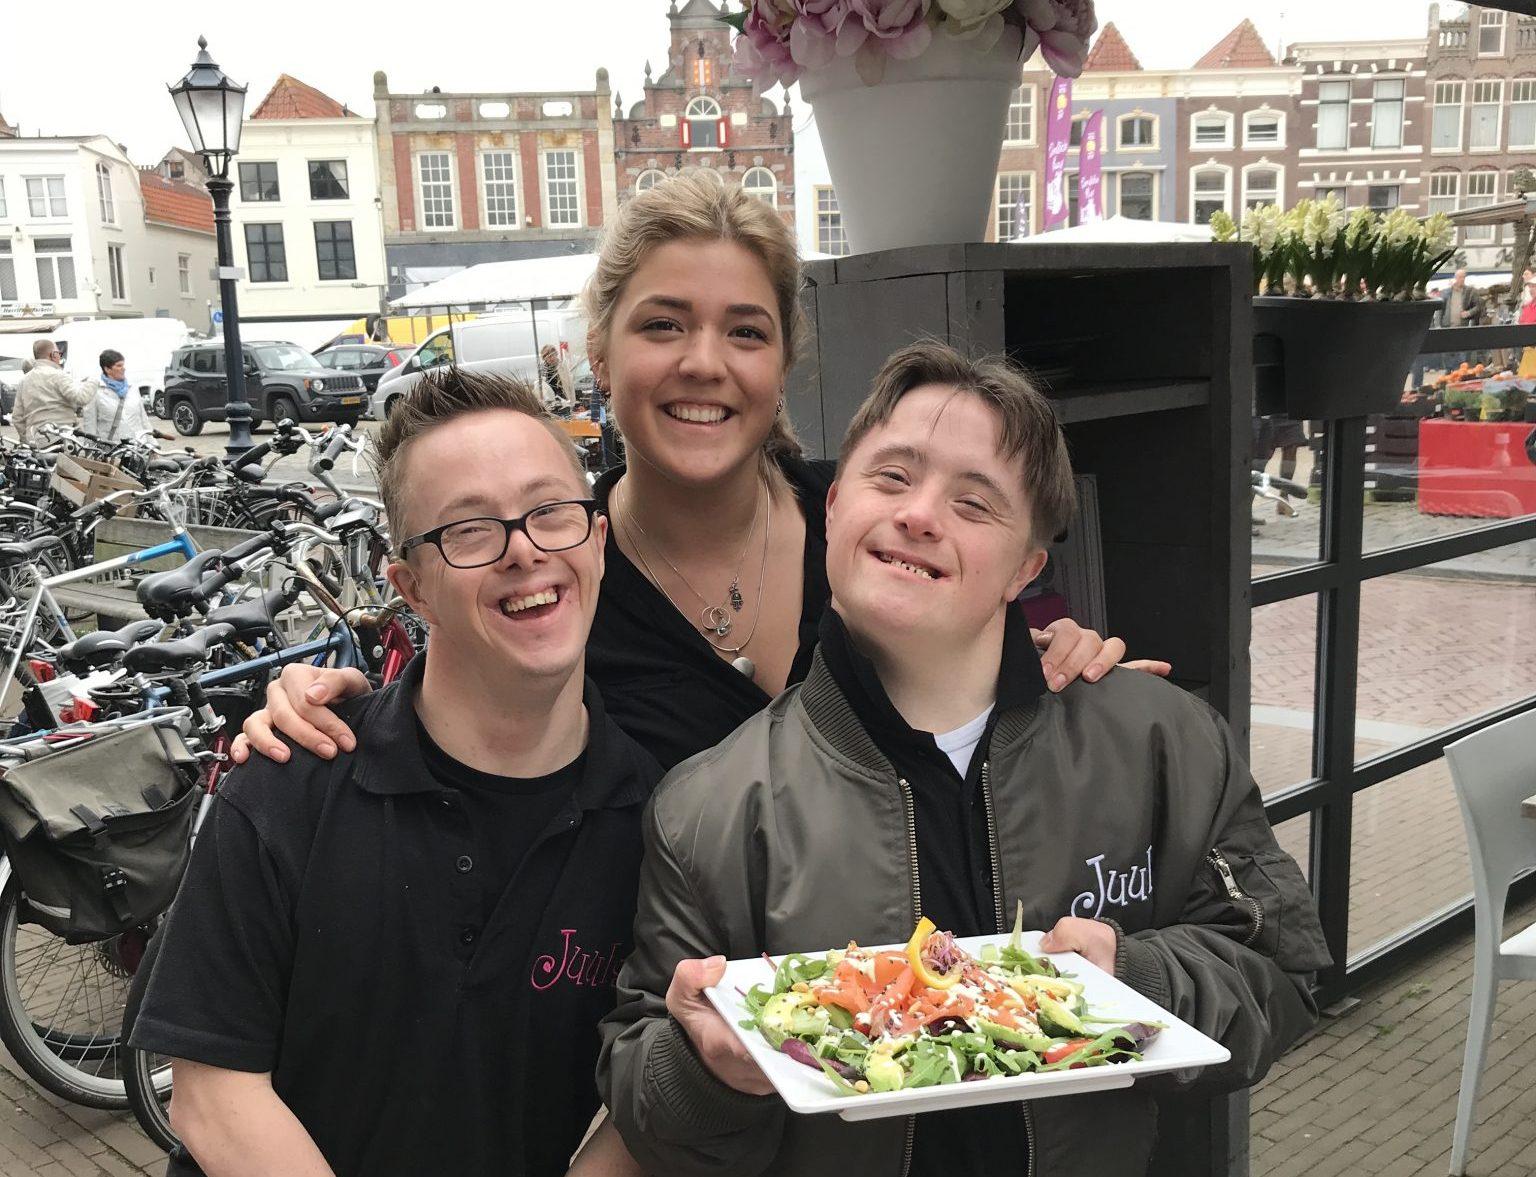 Petry van der Waard